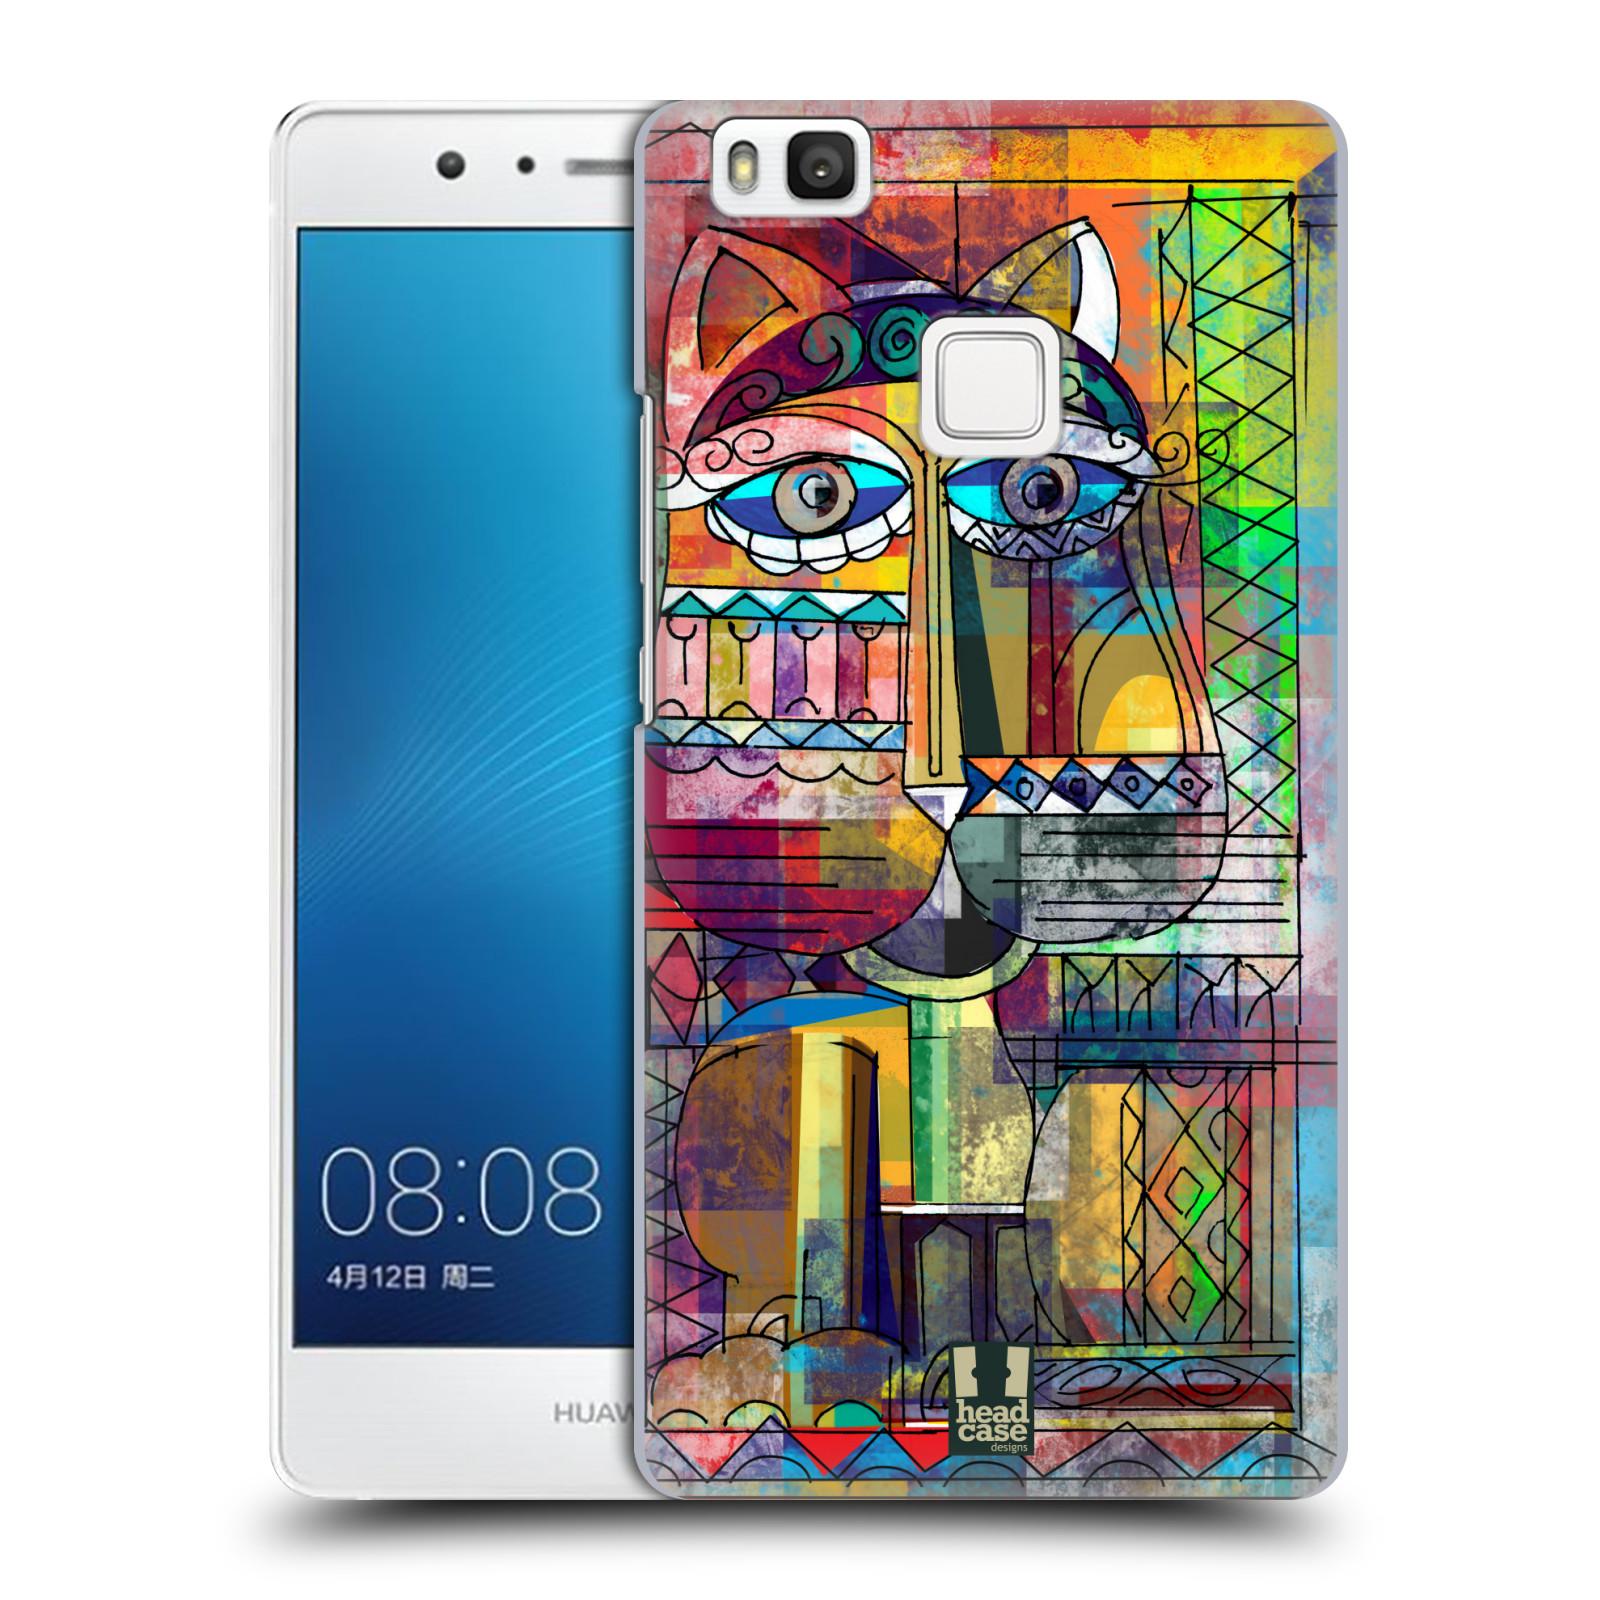 Plastové pouzdro na mobil Huawei P9 Lite HEAD CASE AZTEC KORAT